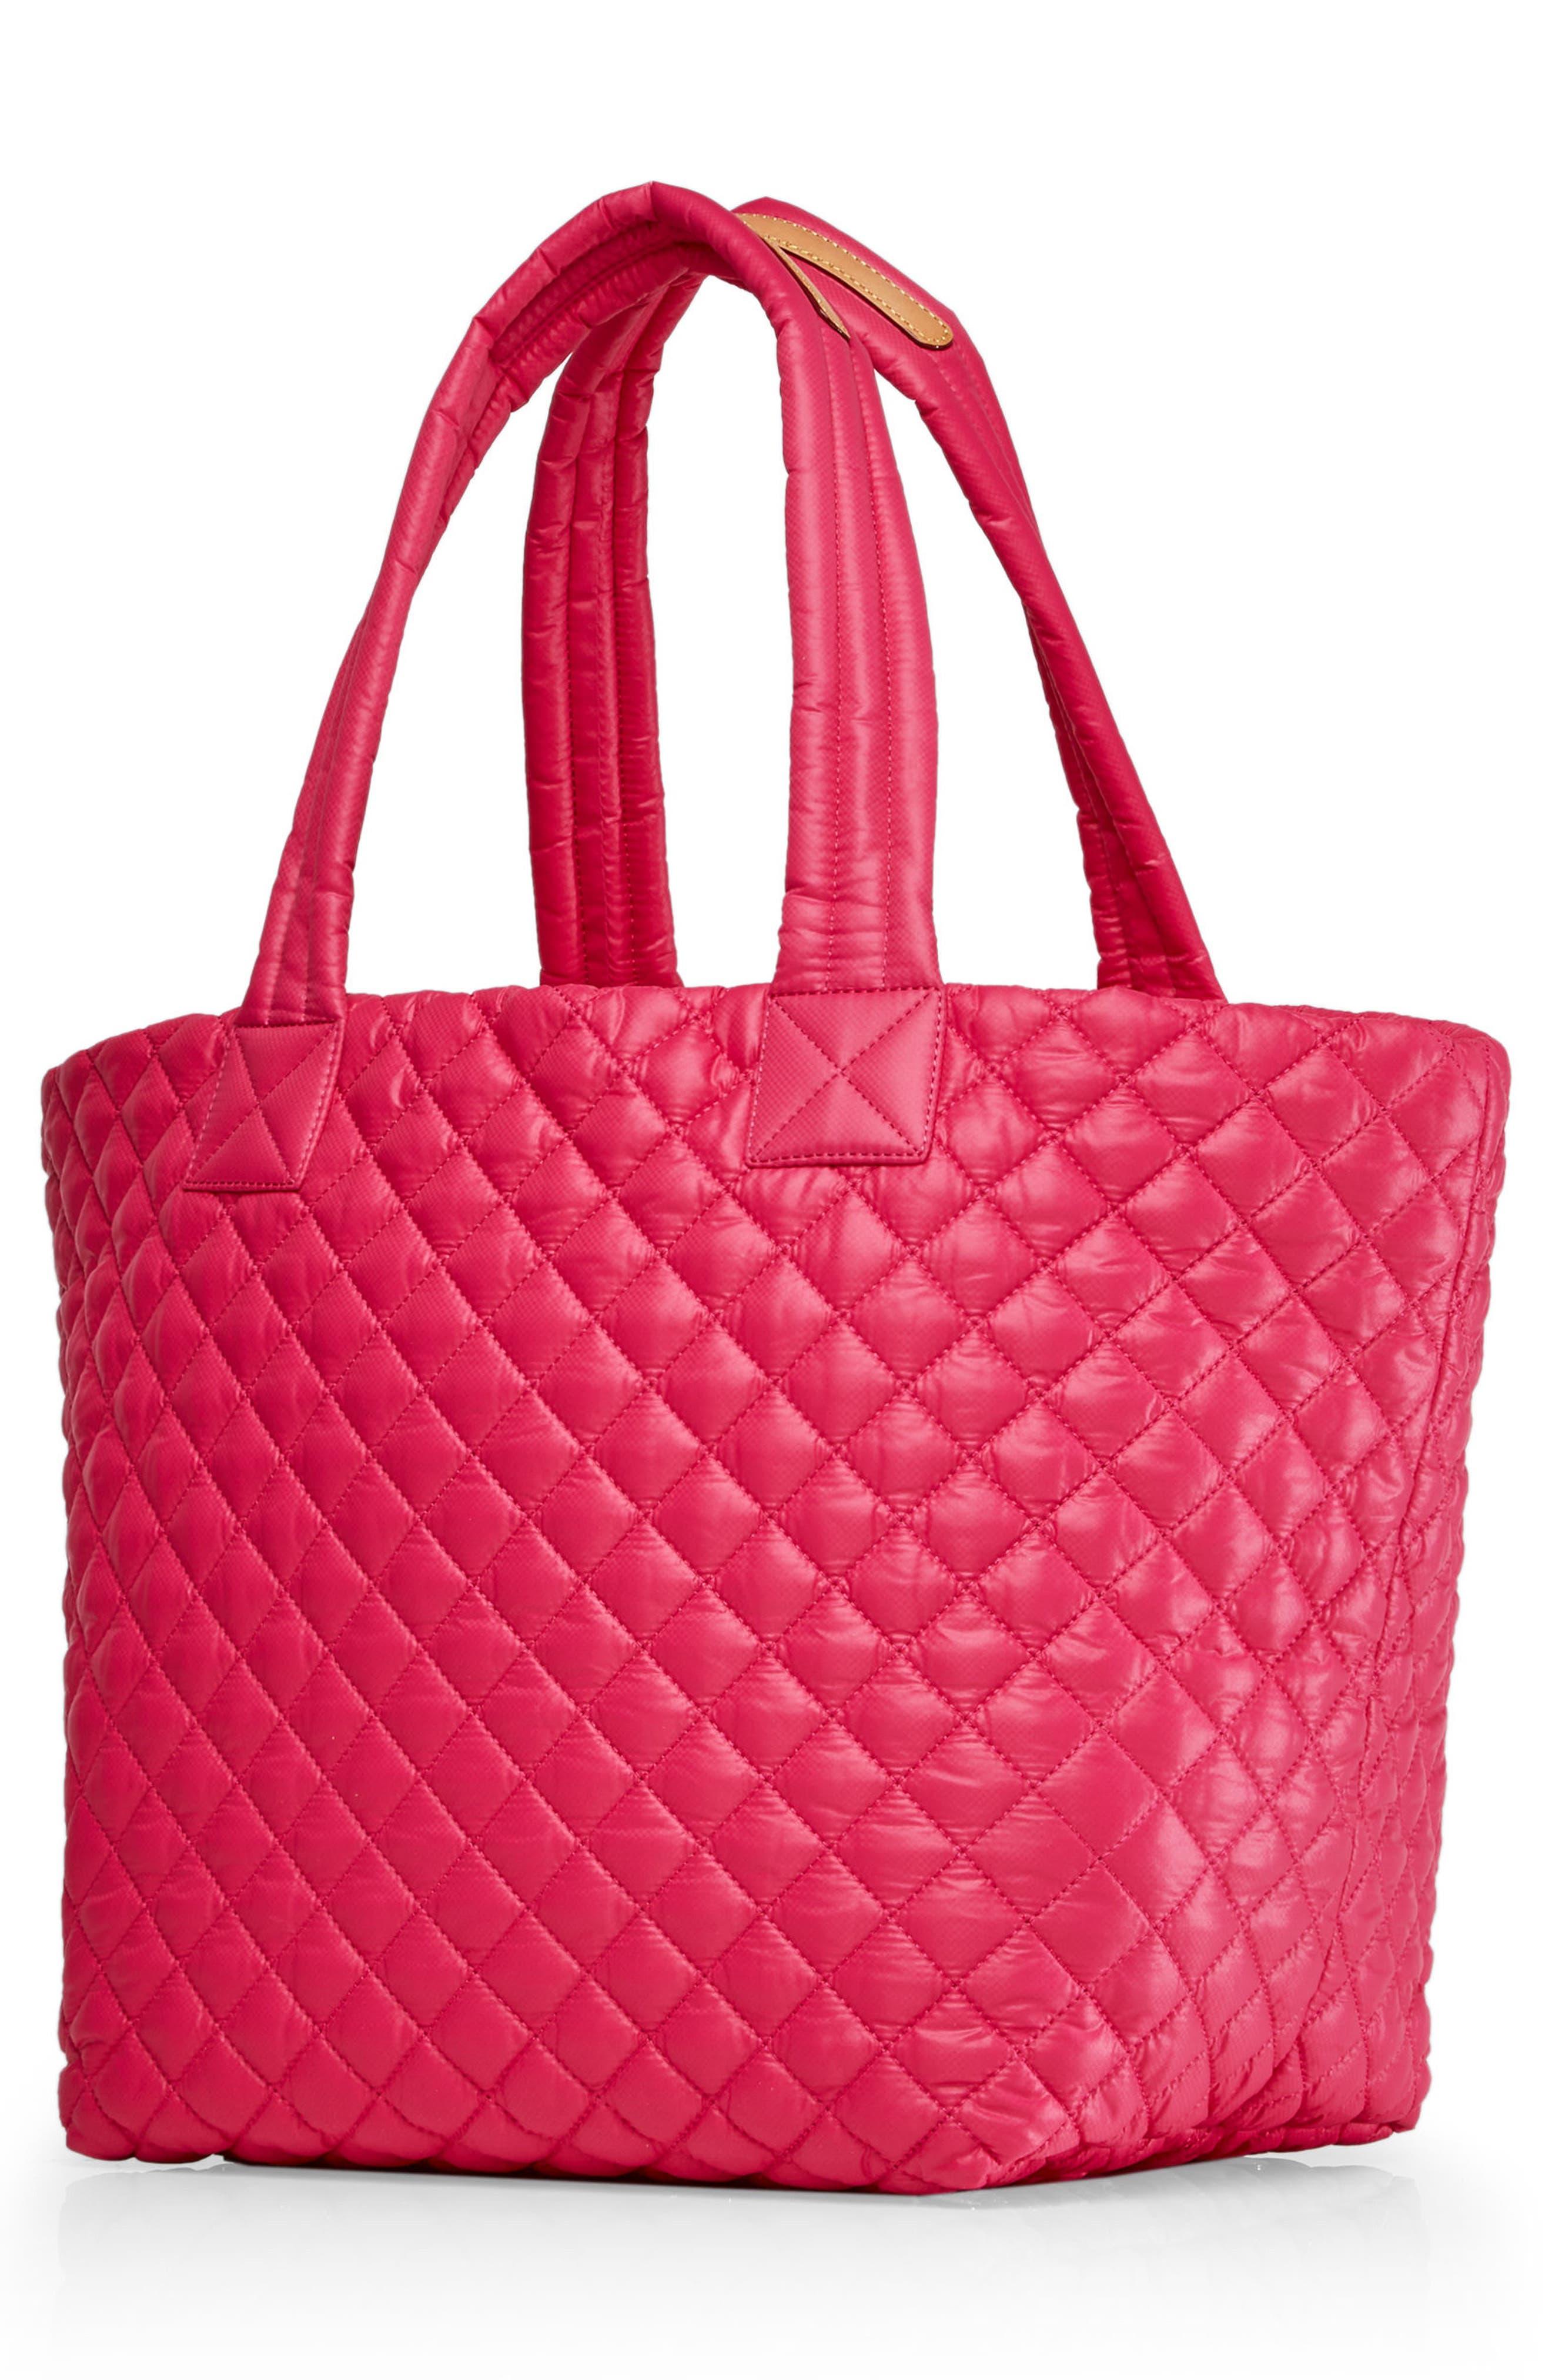 367f5cc0b2c6 leopard bag